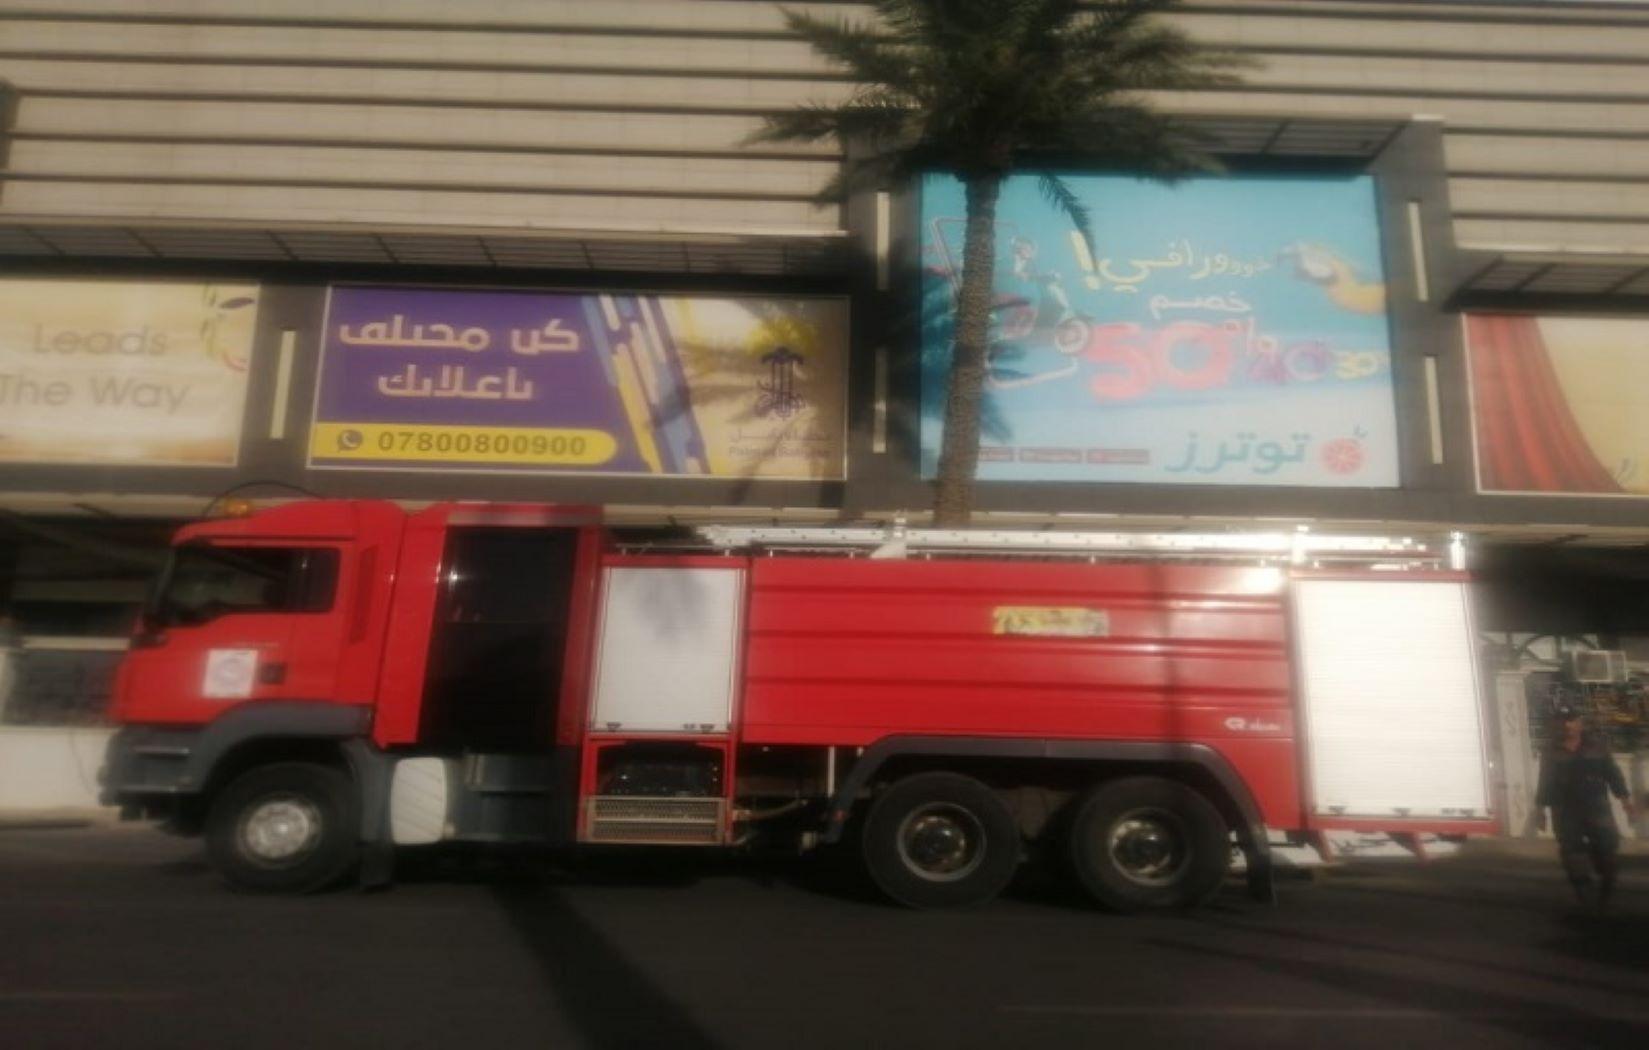 إخماد حريق اندلع في مصرف داخل مول بغداد وسط العاصمة